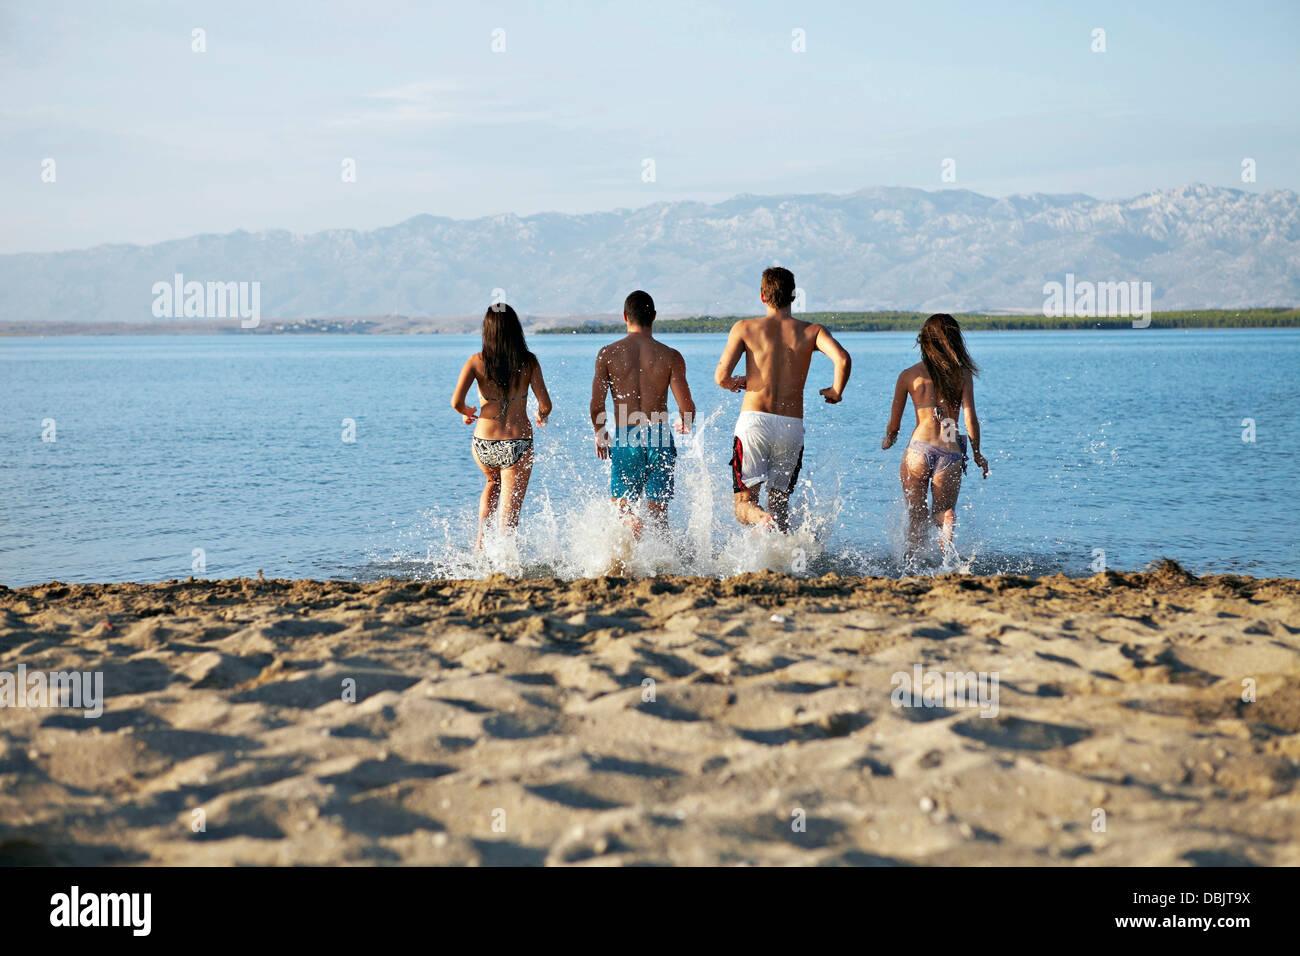 Gruppe von Menschen am Strand Stockfoto